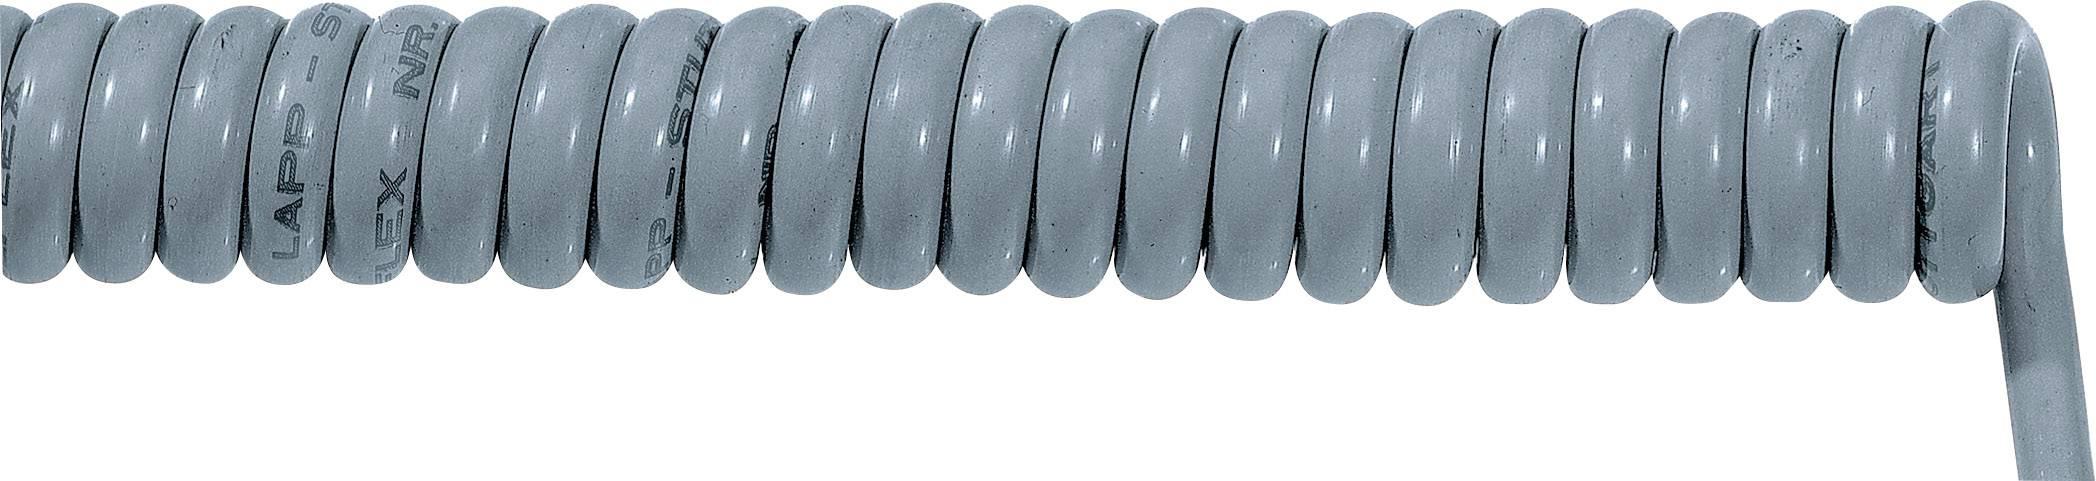 Špirálový kábel 70002673 ÖLFLEX® SPIRAL 400 P 18 x 1 mm², 1000 mm / 3000 mm, sivá